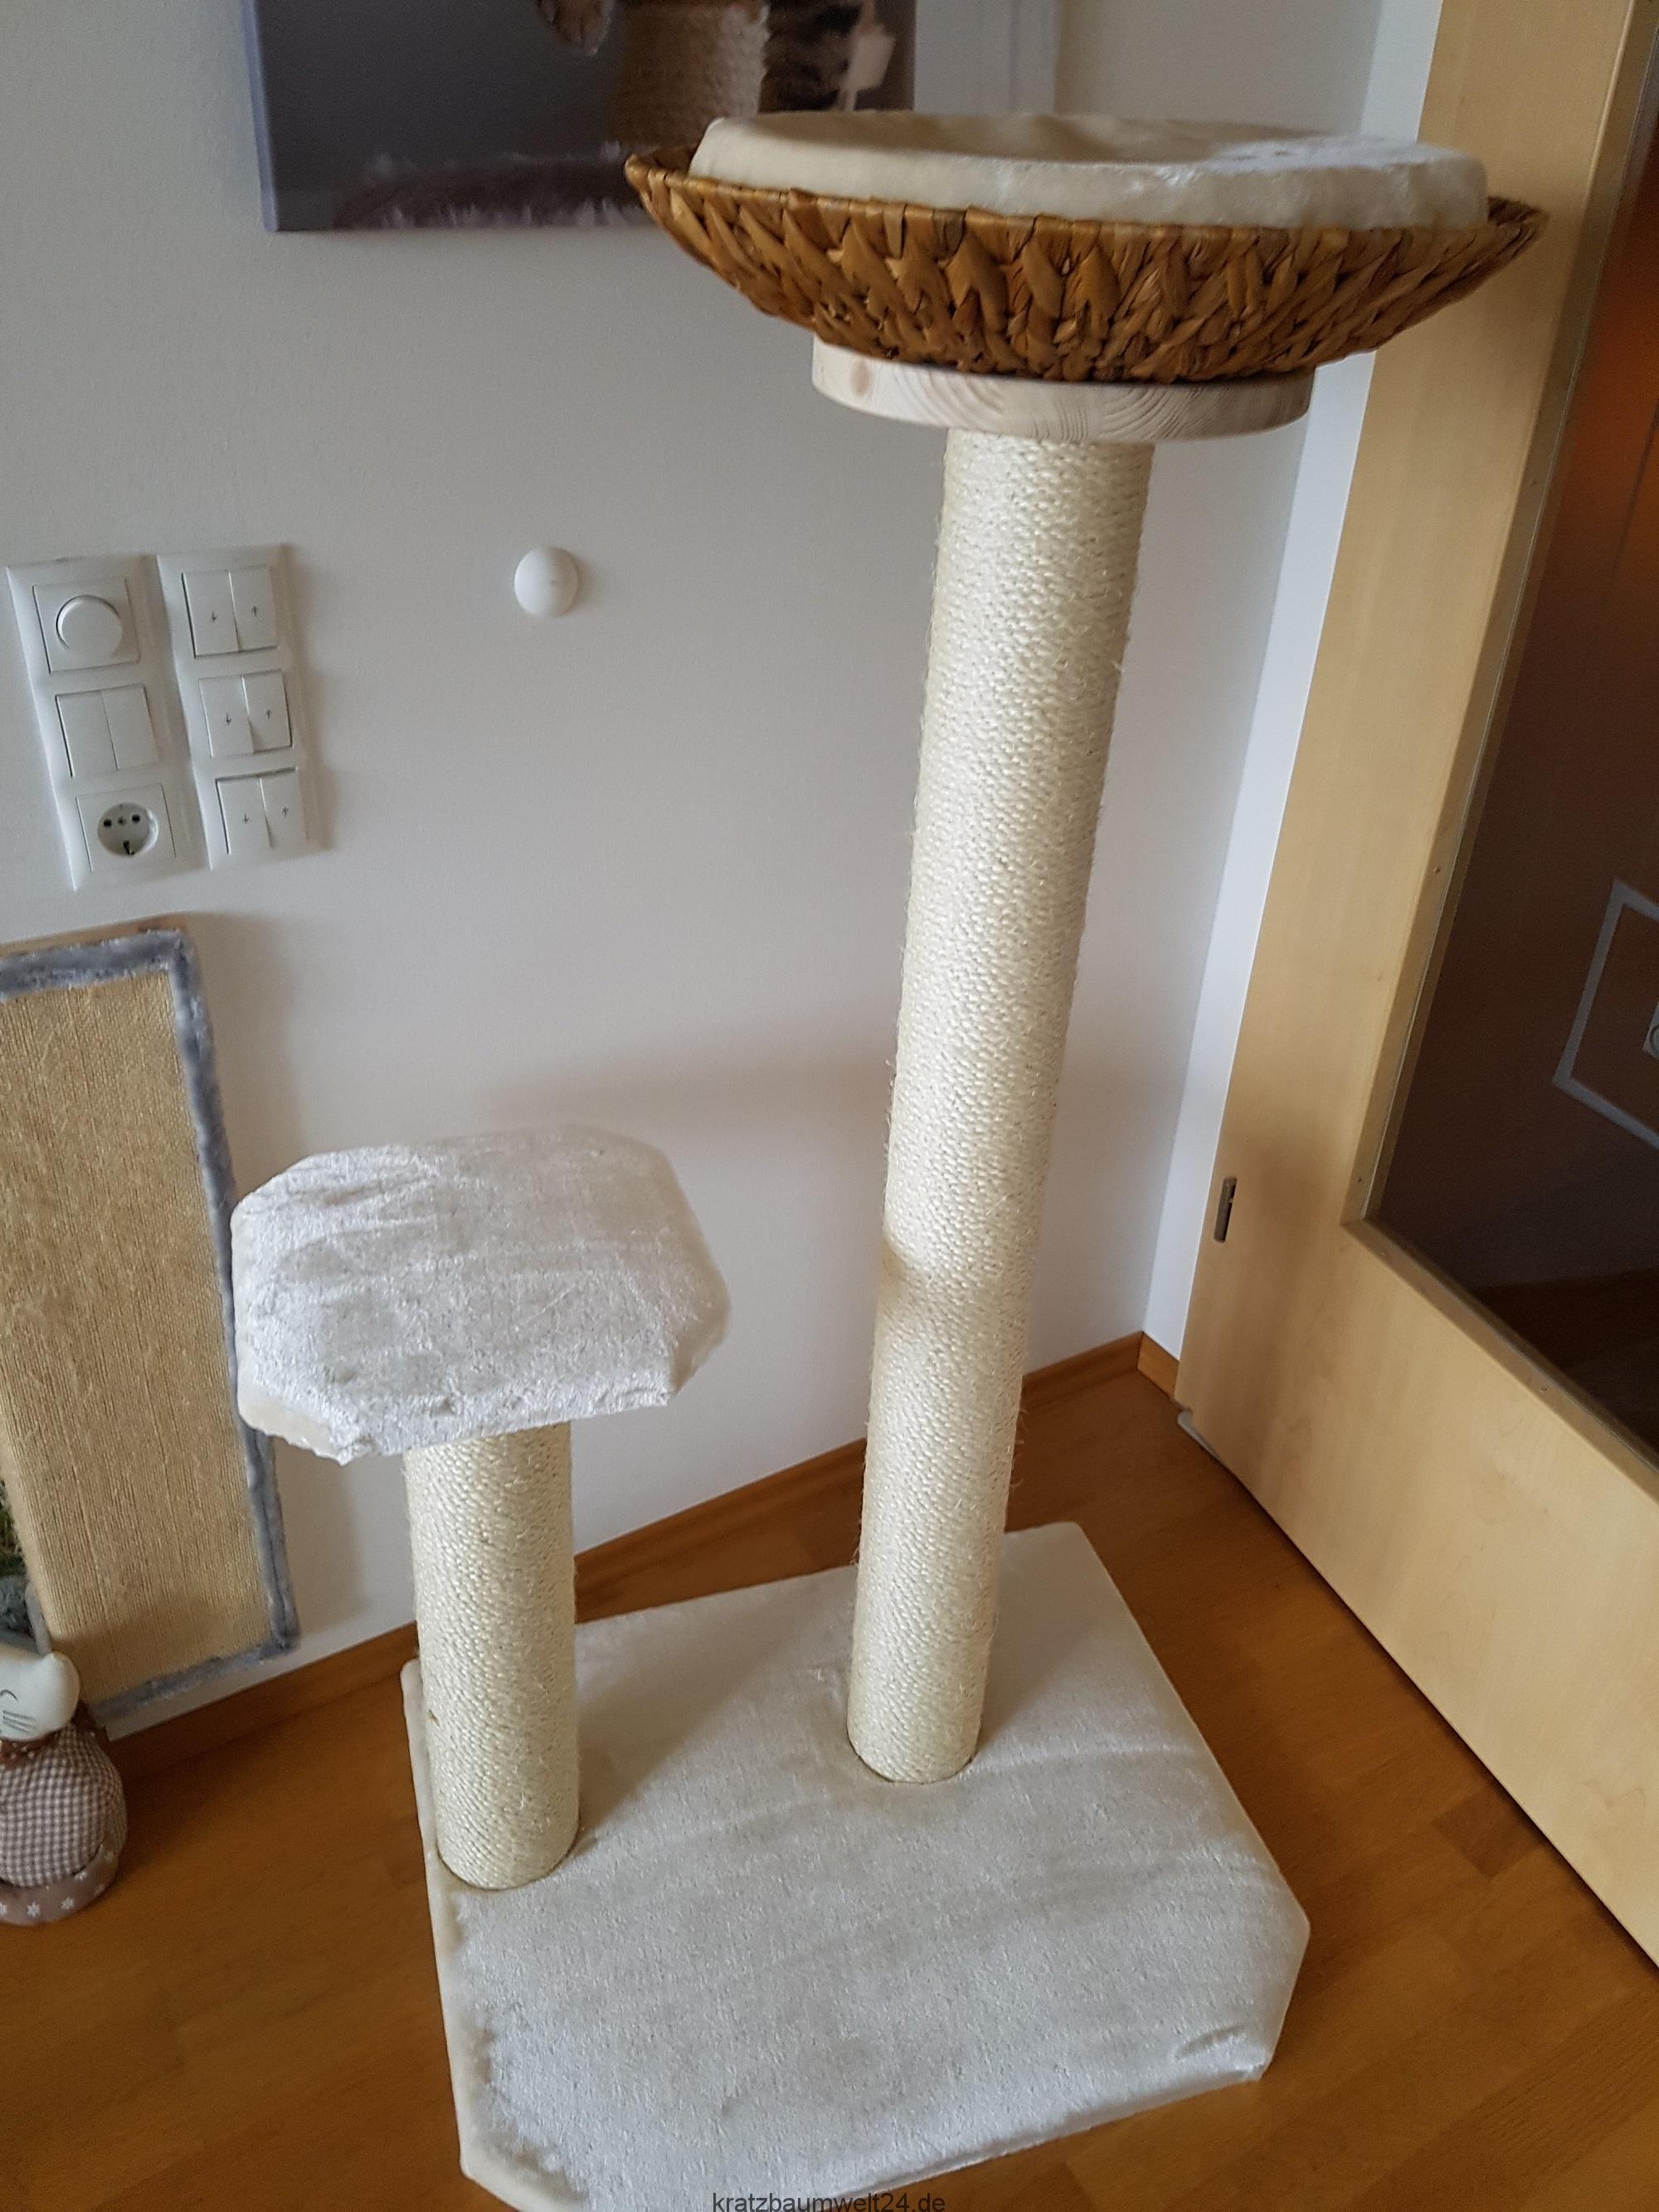 kratzbaum deckenspanner massiver kratzbaum kratzbaum. Black Bedroom Furniture Sets. Home Design Ideas